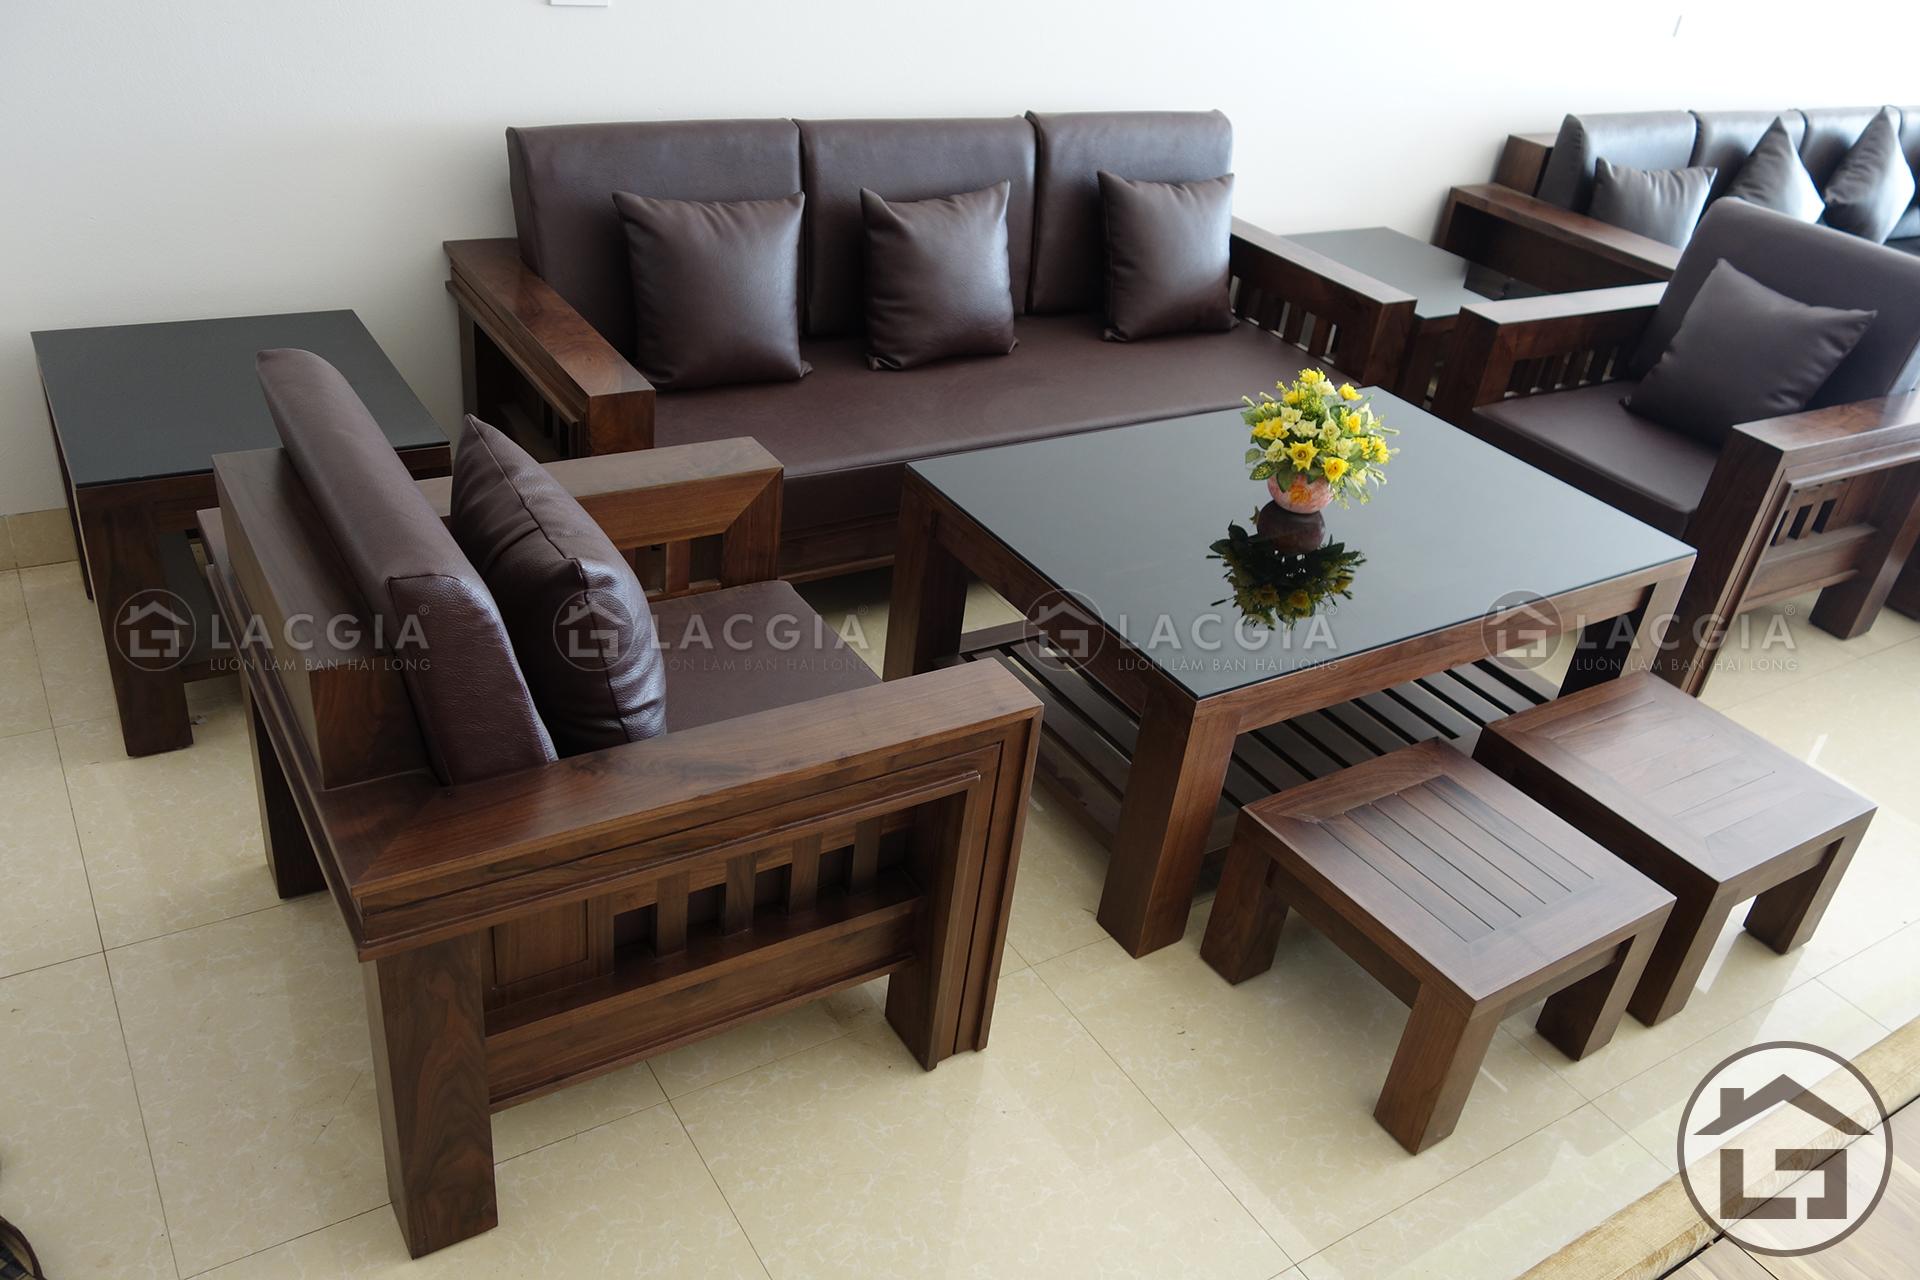 Bàn ghế gỗ óc chó cho không gian phòng khách sang trọng